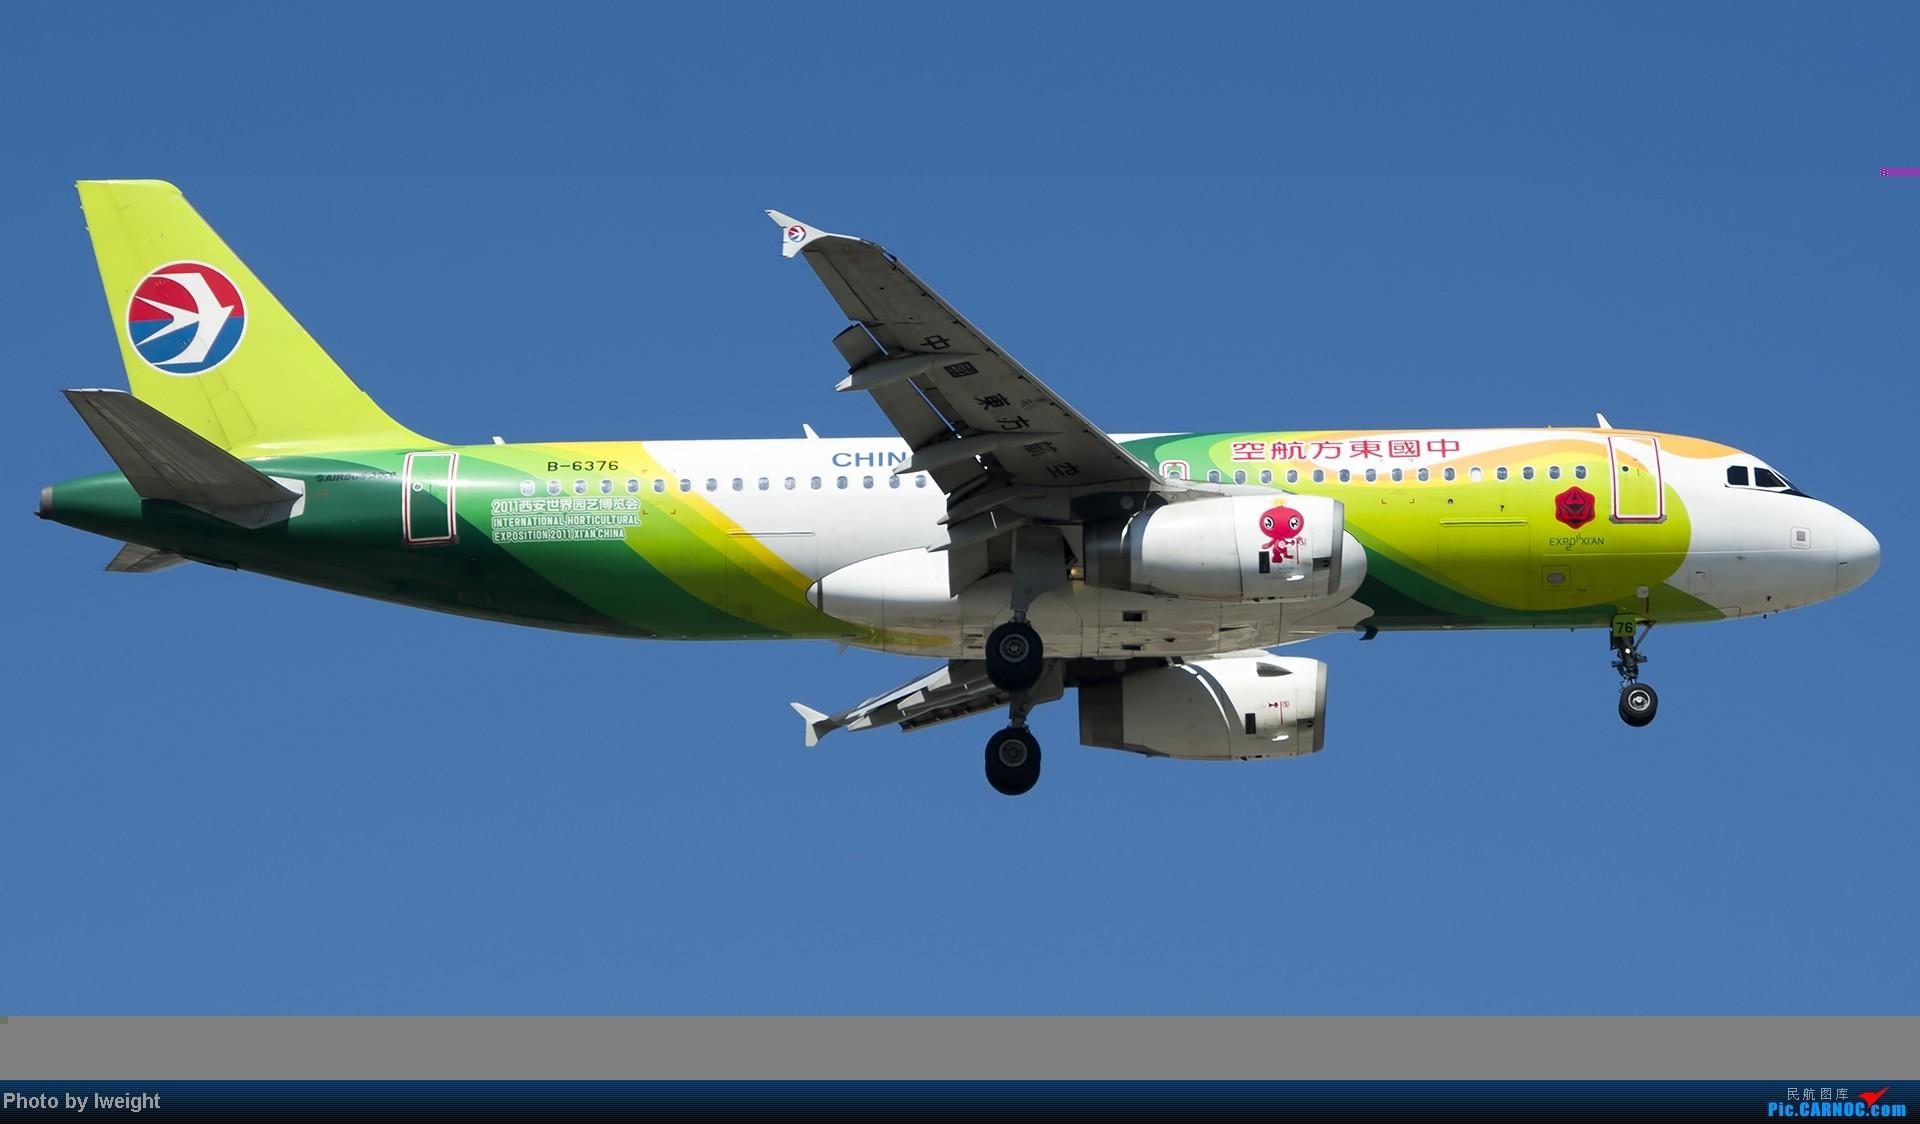 Re:[原创]酷暑周末拍遍PEK三条跑道,收获众多常见机型 AIRBUS A320-200 B-6376 中国北京首都机场